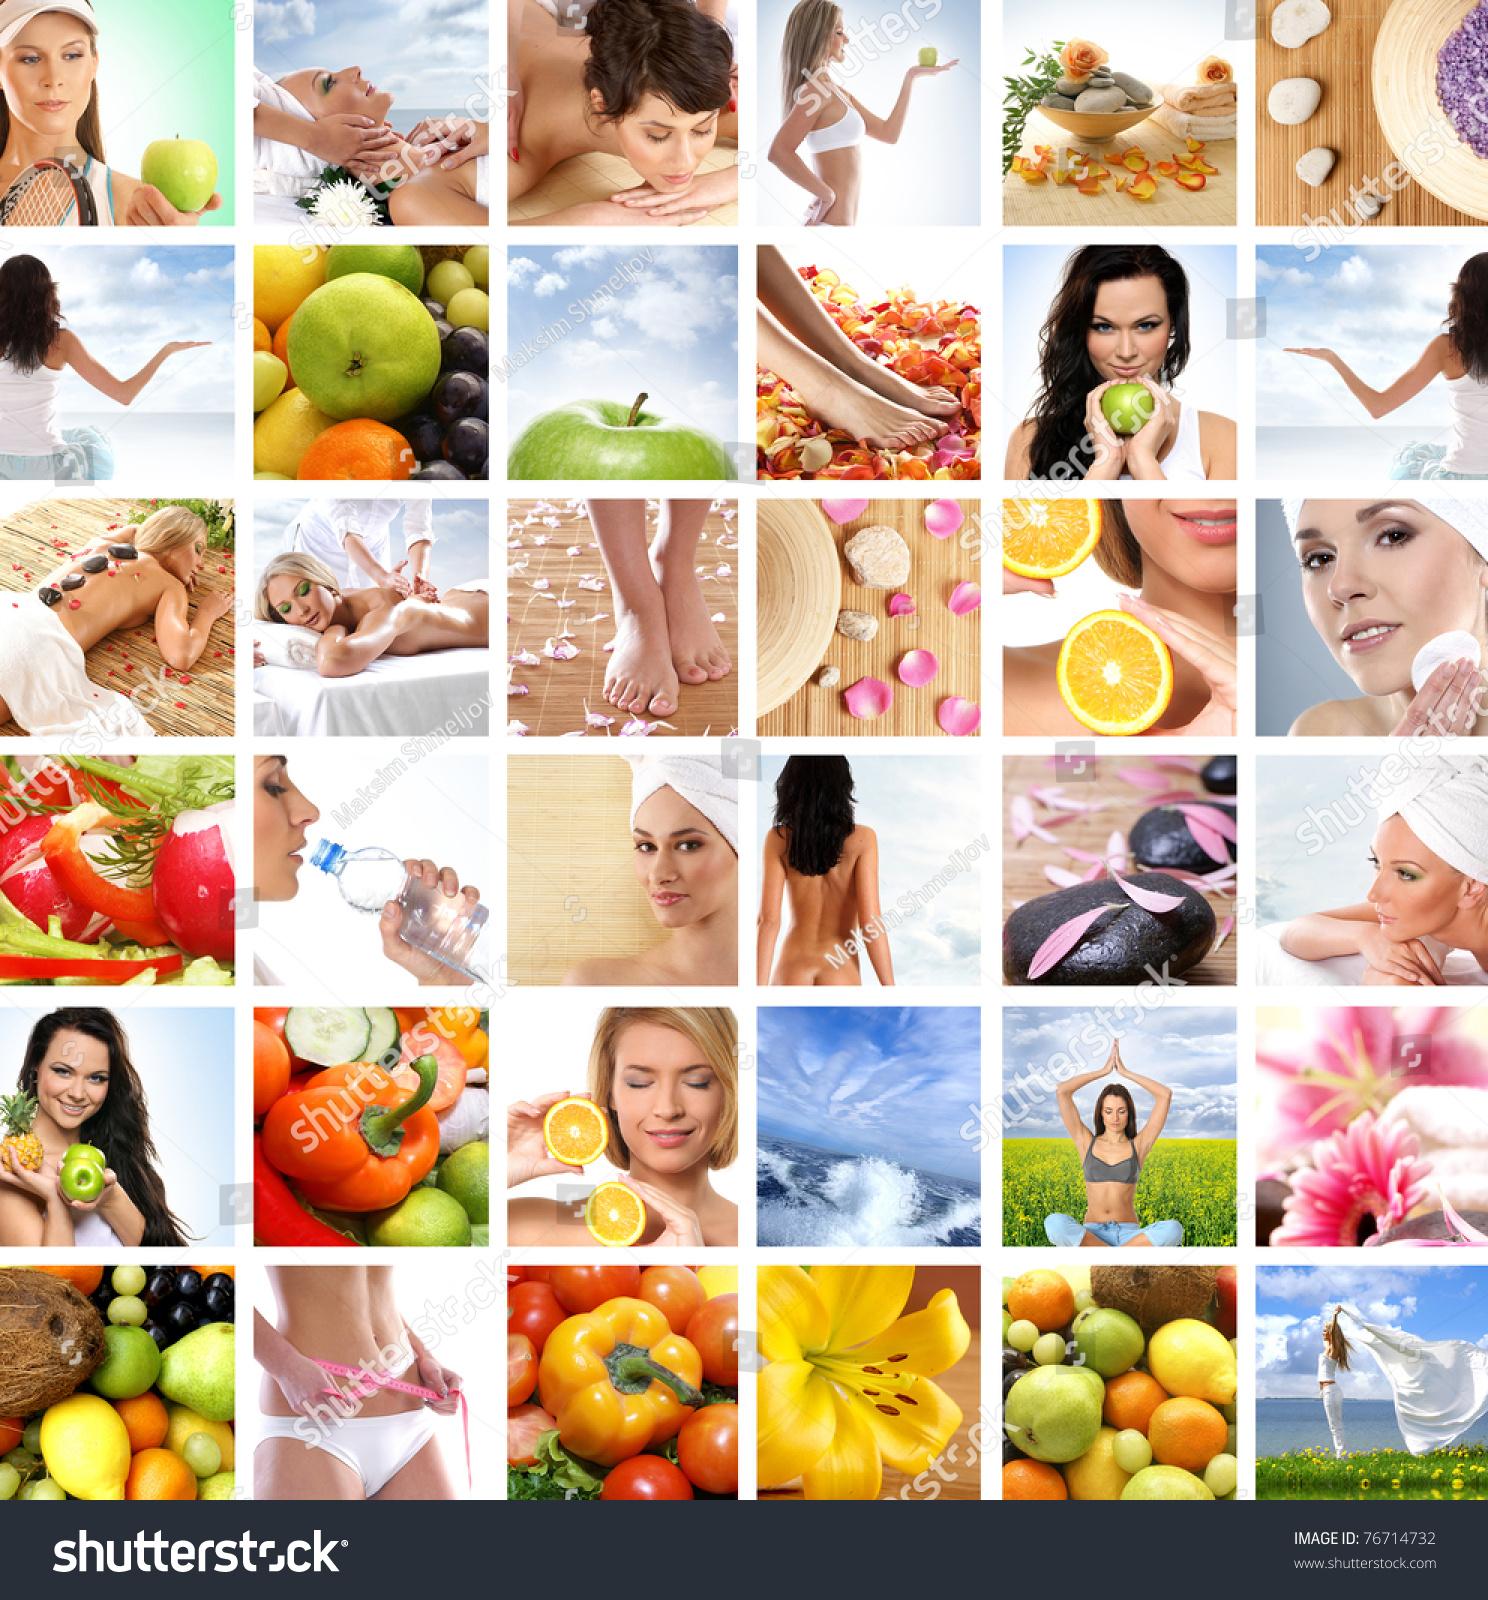 美丽的拼贴画关于健康饮食和医疗-医疗保健,人物-海洛